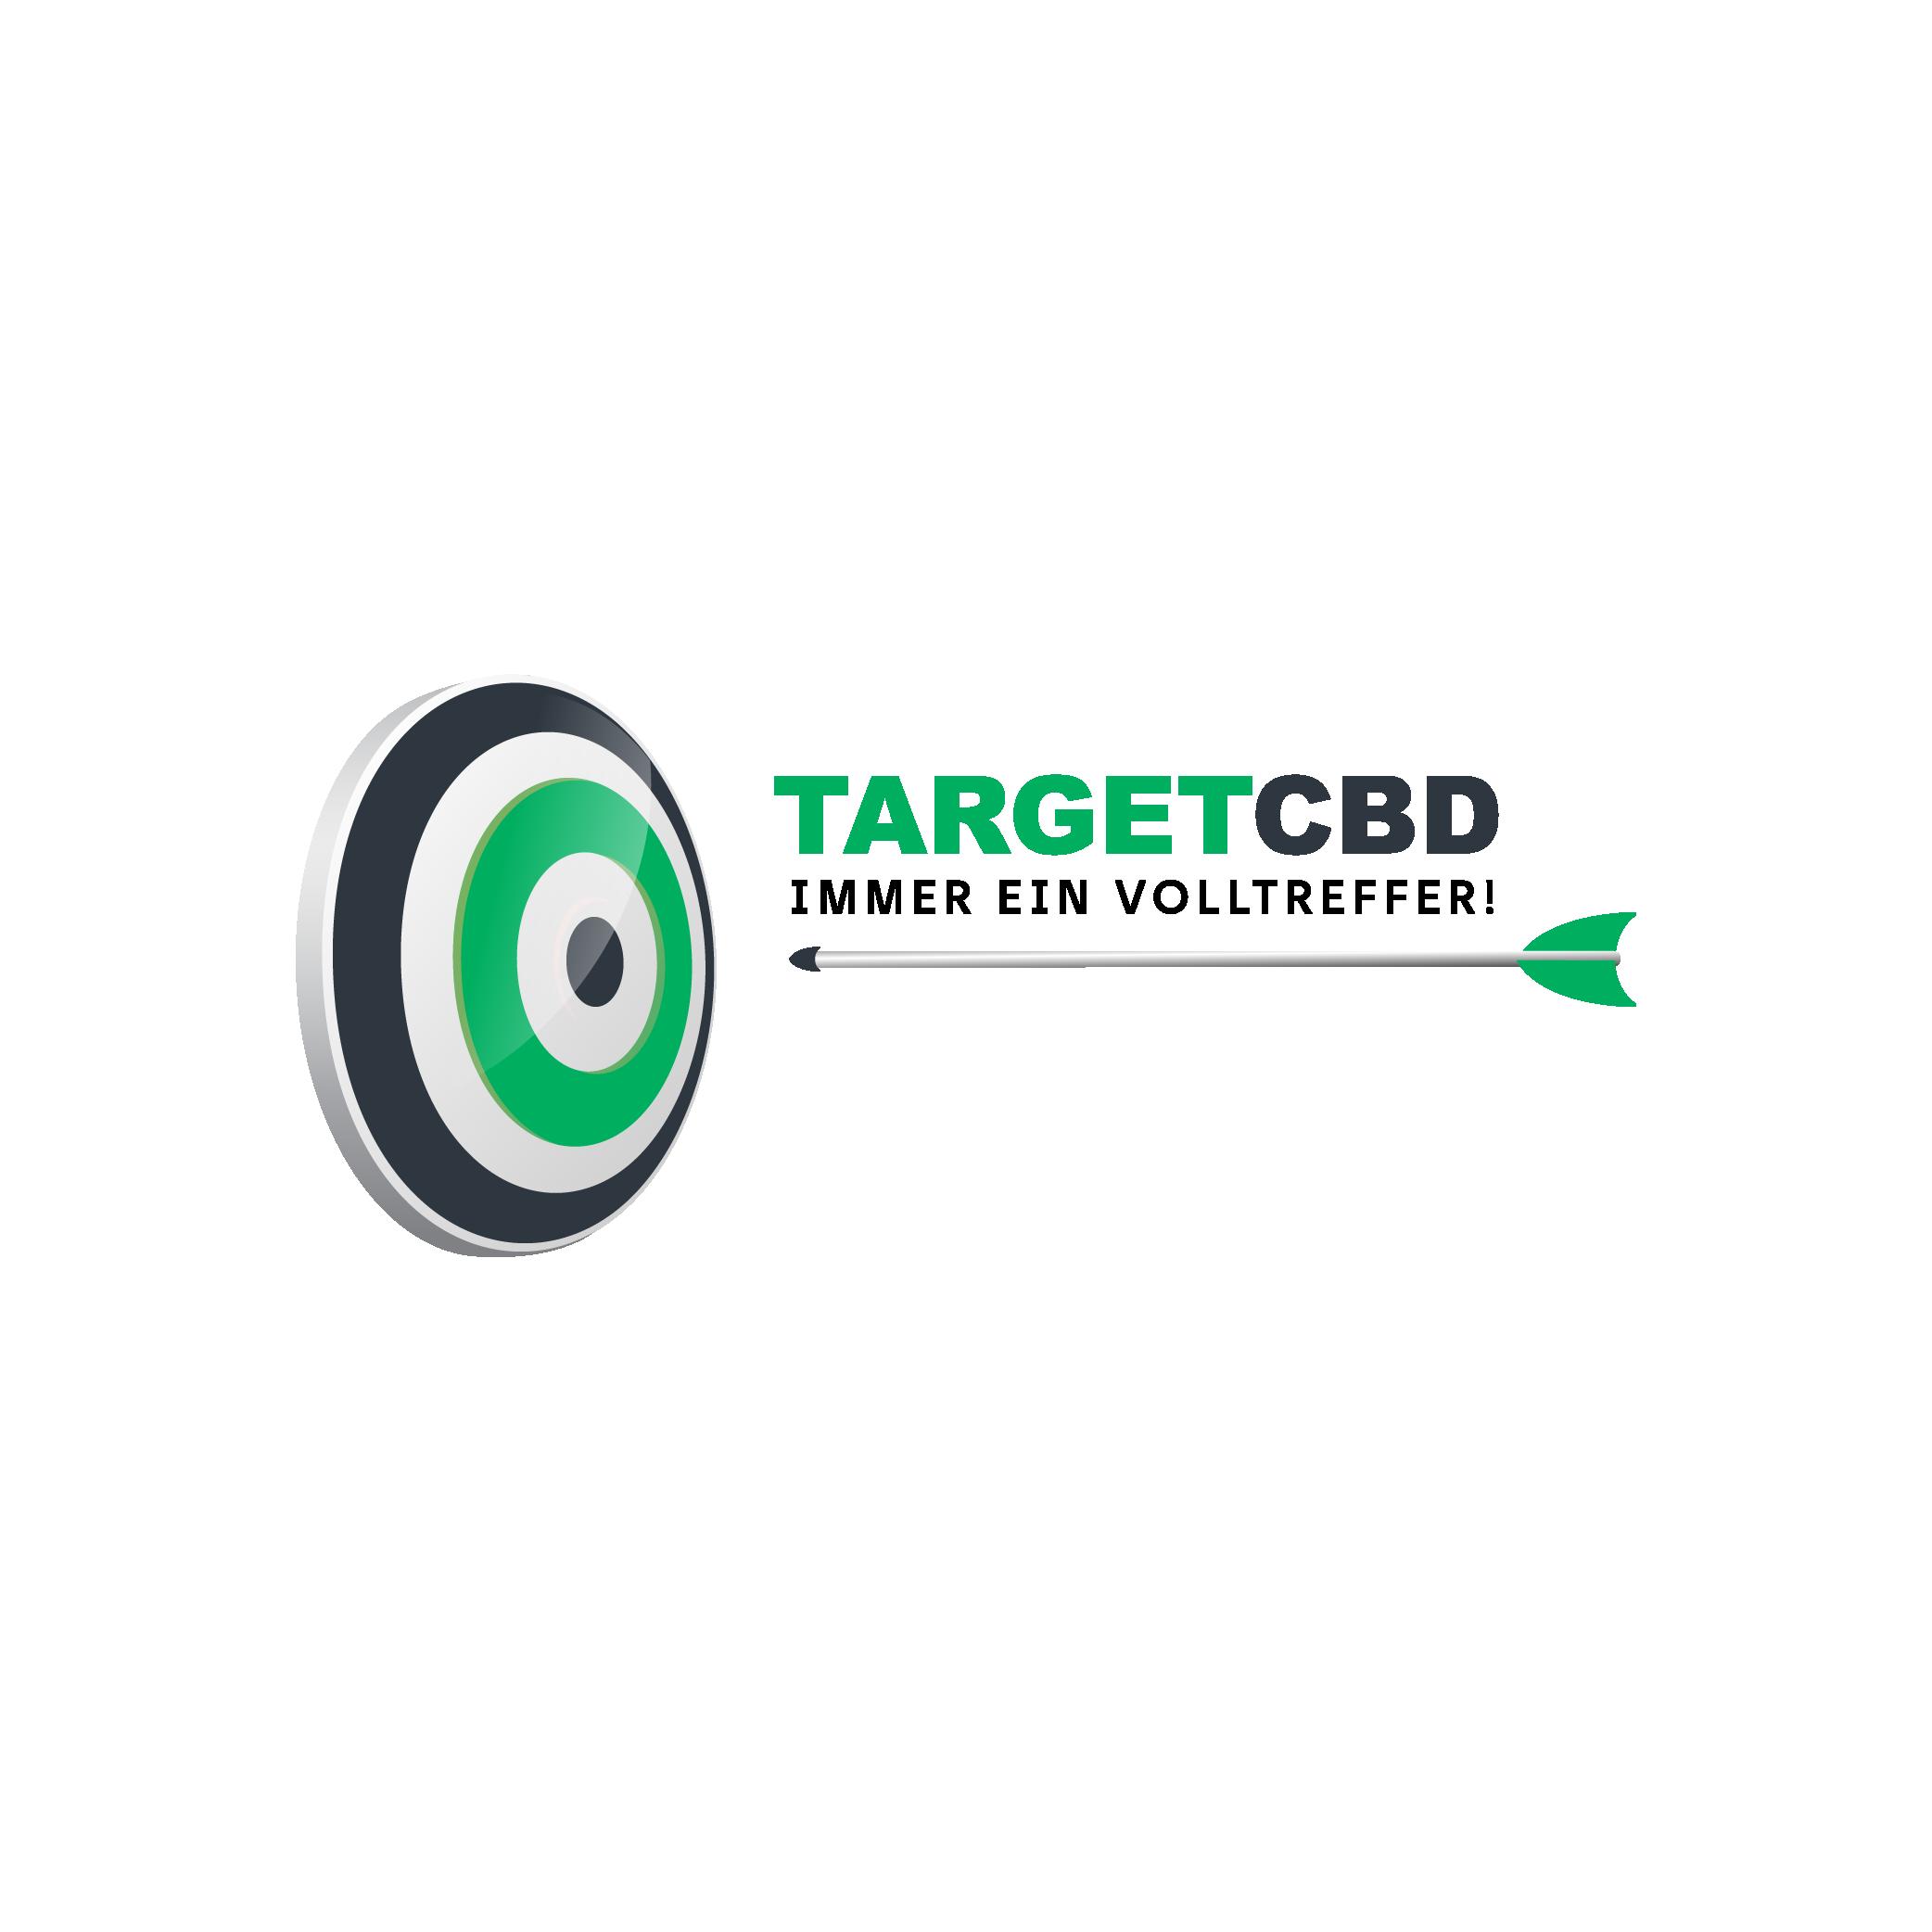 TargetCBD